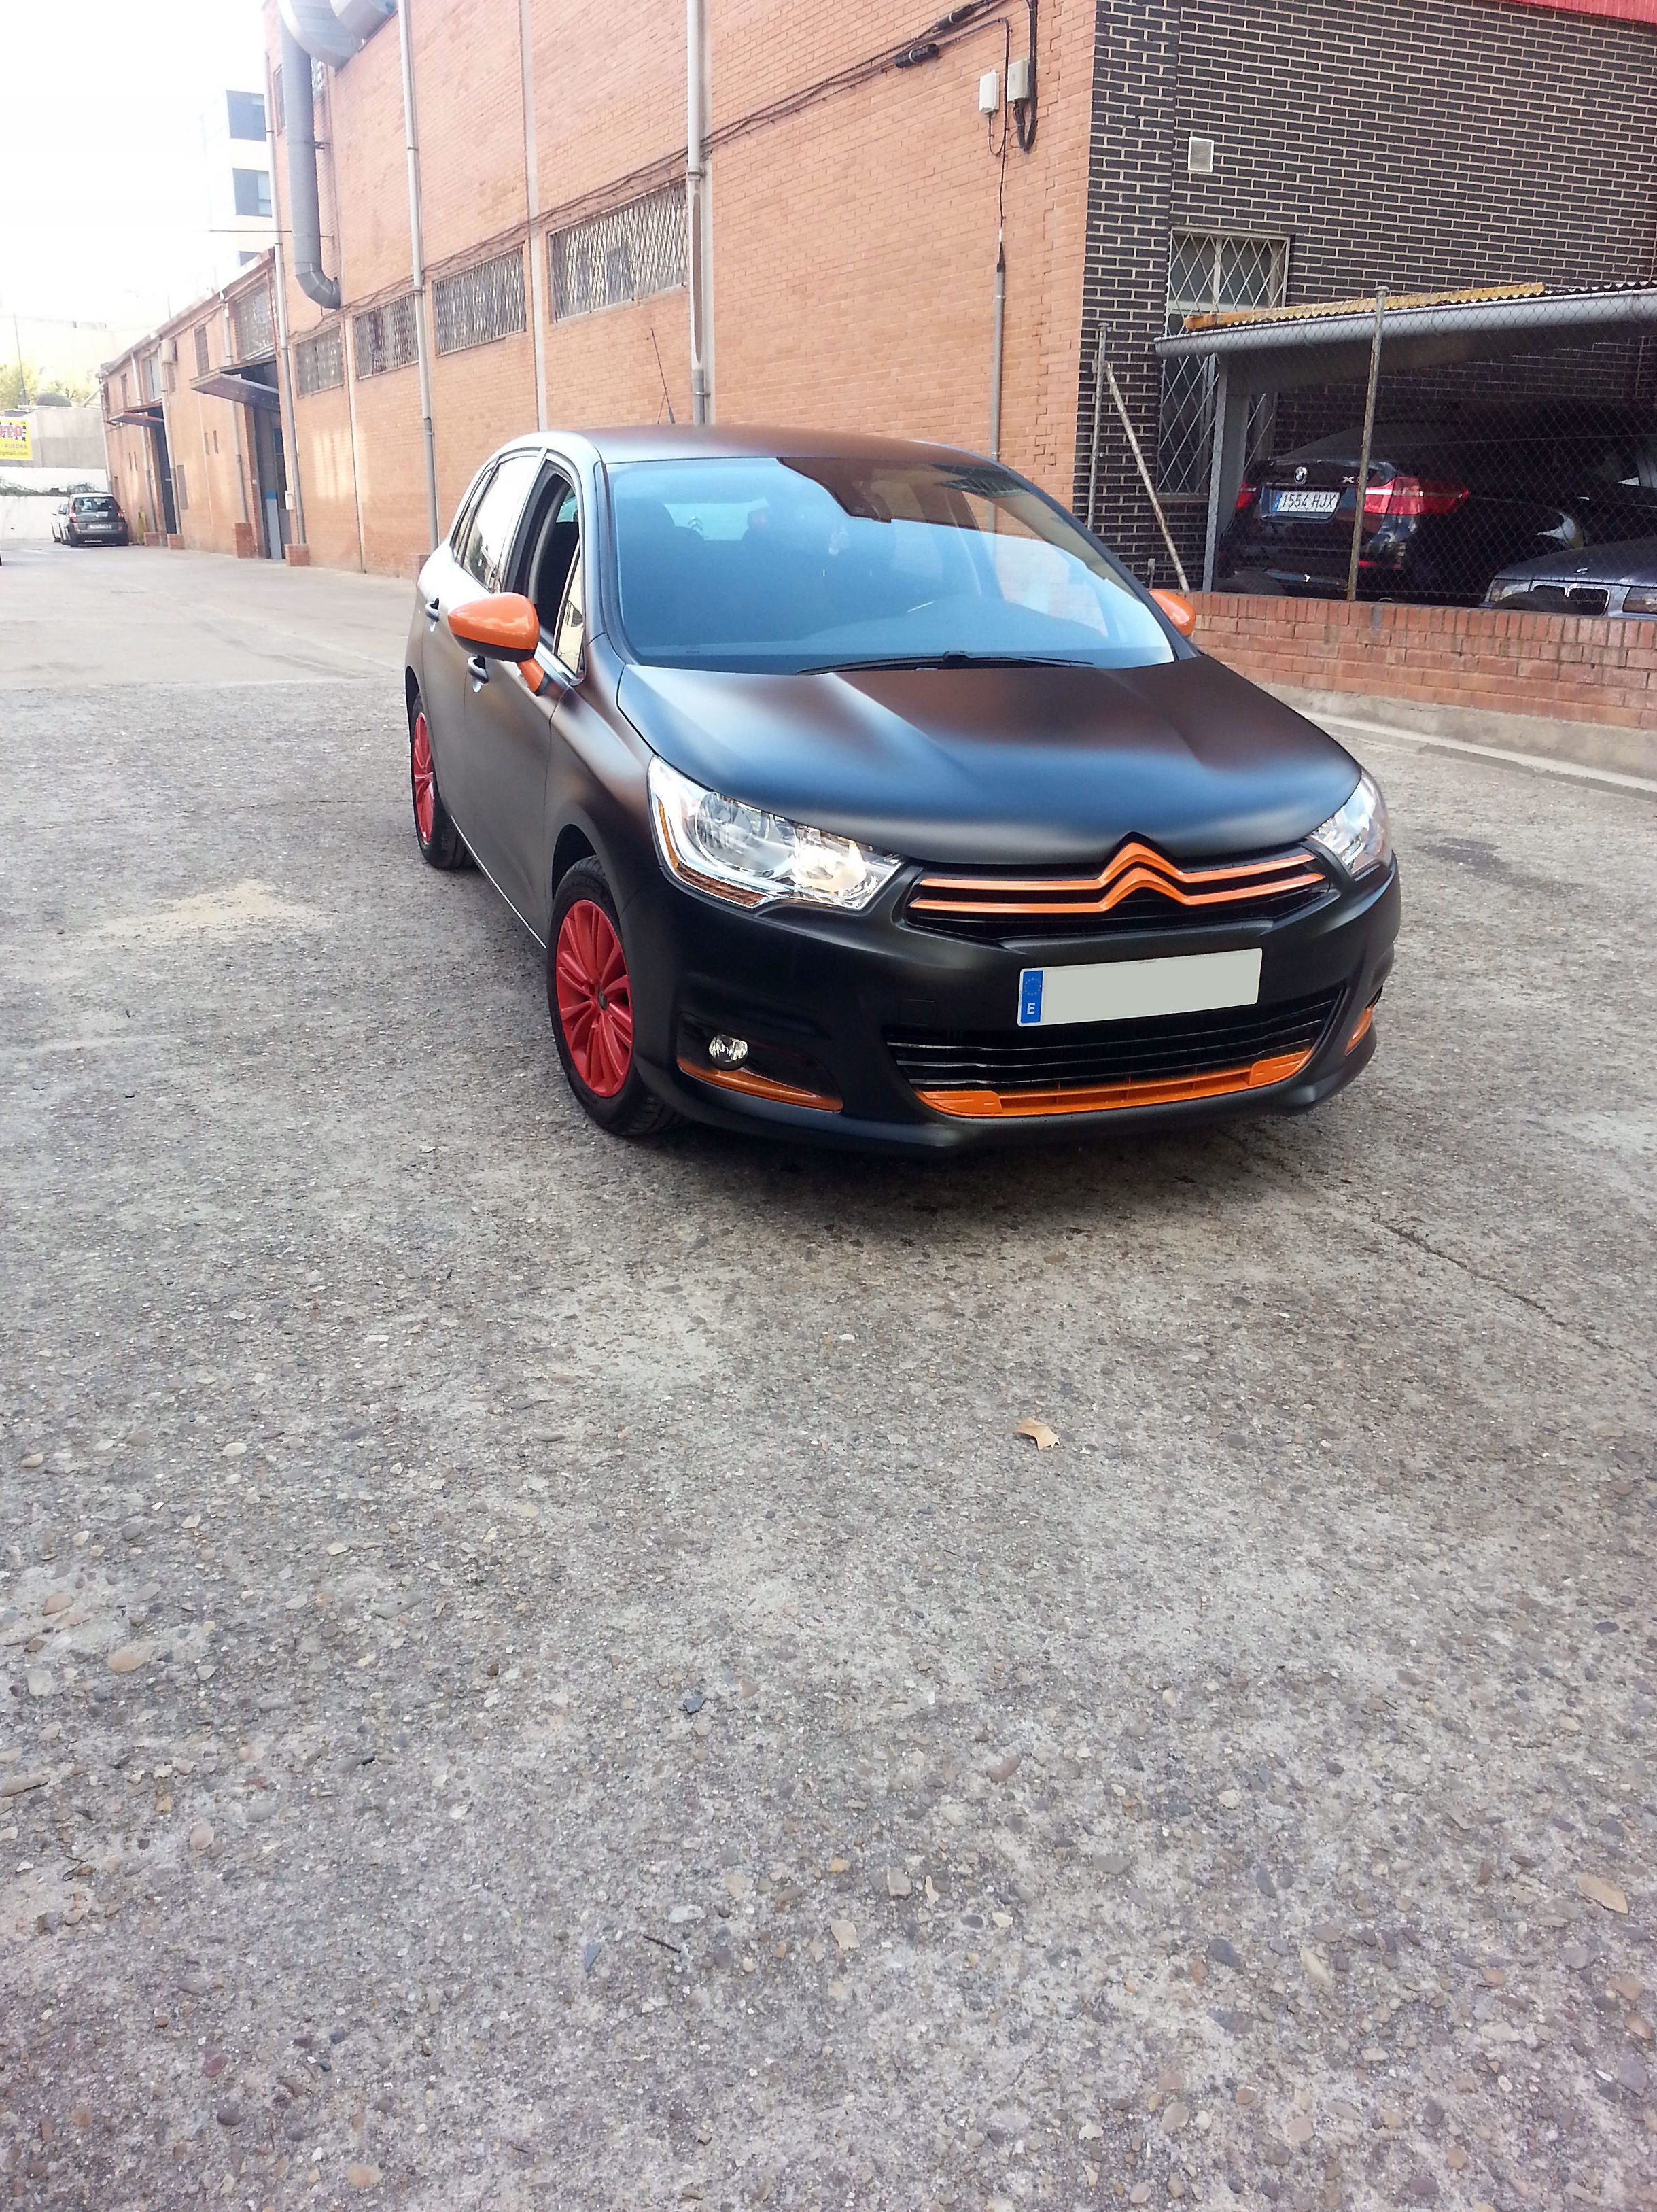 Reparaciones de carrocería con estándares de máxima calidad en la zona norte de Madrid